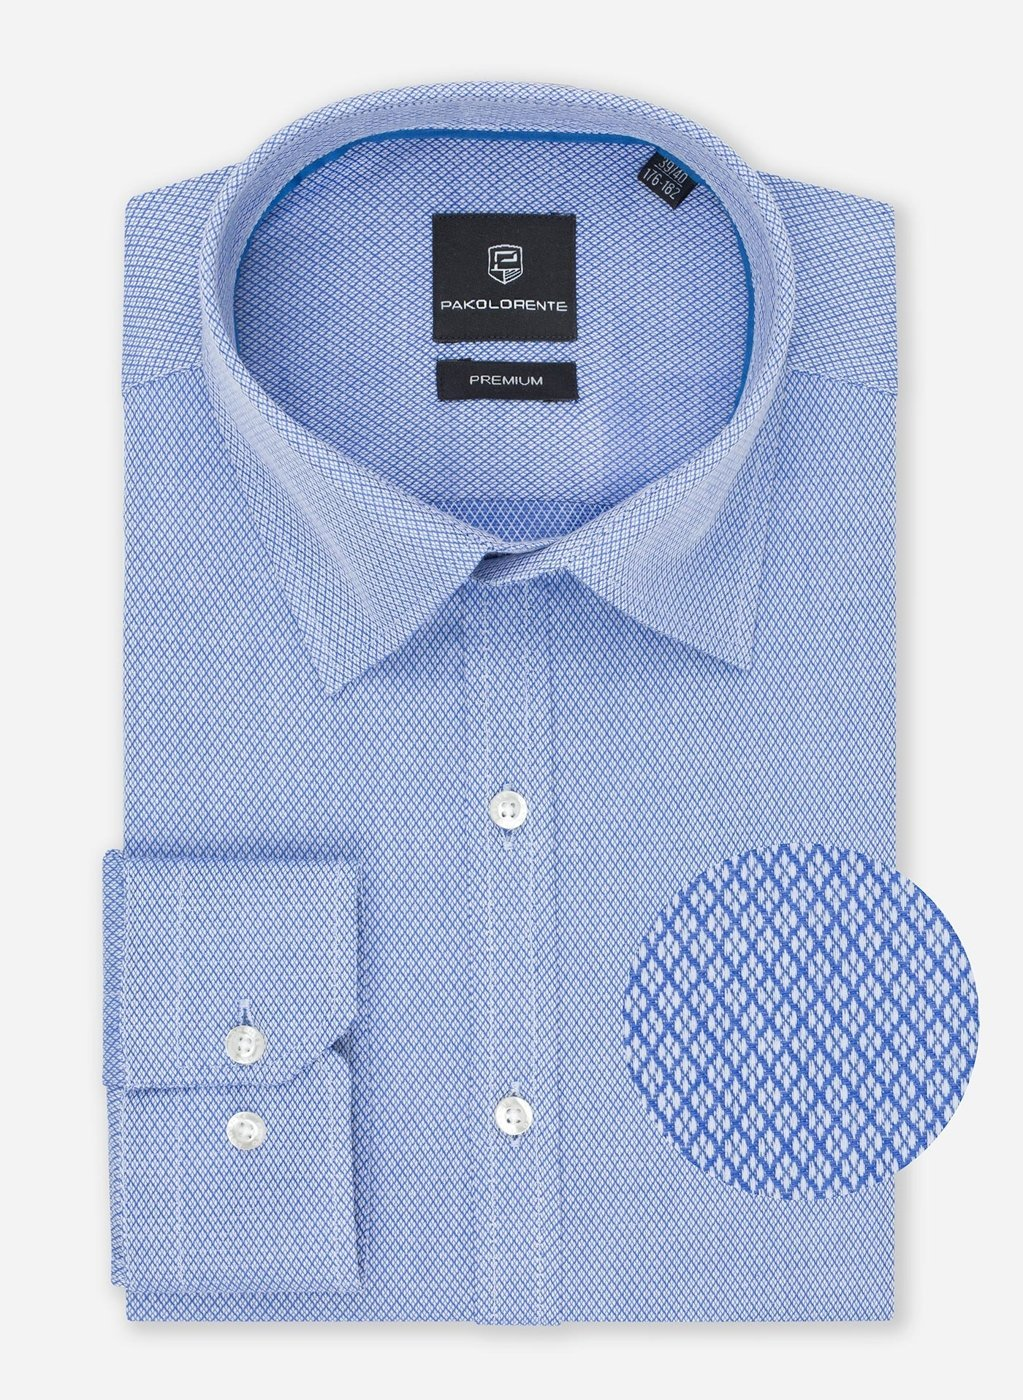 Koszula męska PLM-1X-520-N